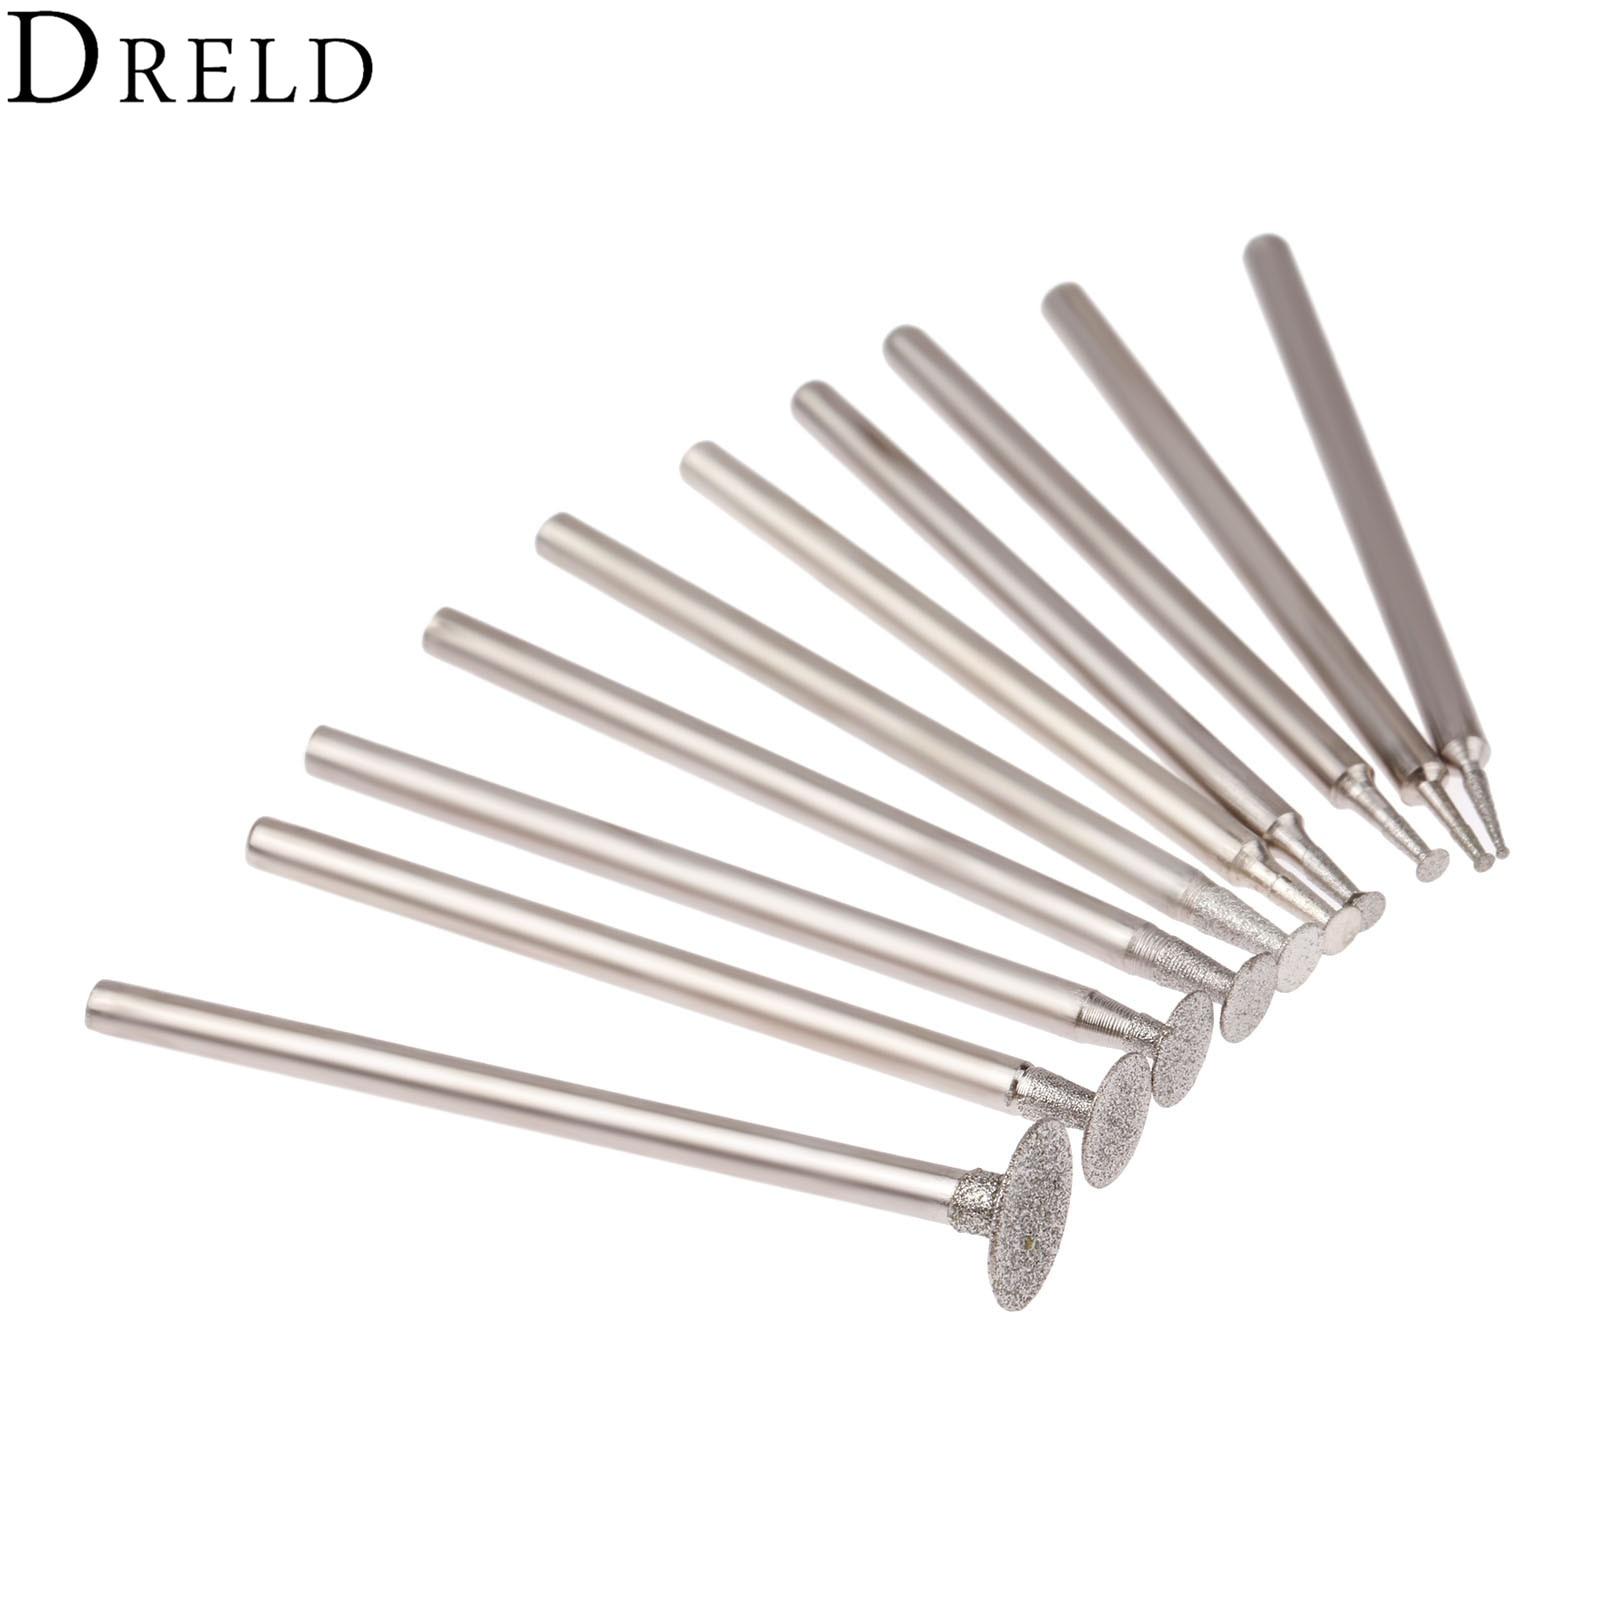 """10 vnt. """"Dremel"""" aksesuarai 2,35 mm koto deimantais pritvirtinti šlifavimo galvutės akmens nefrito drožimo poliravimo graviravimo įrankiai"""